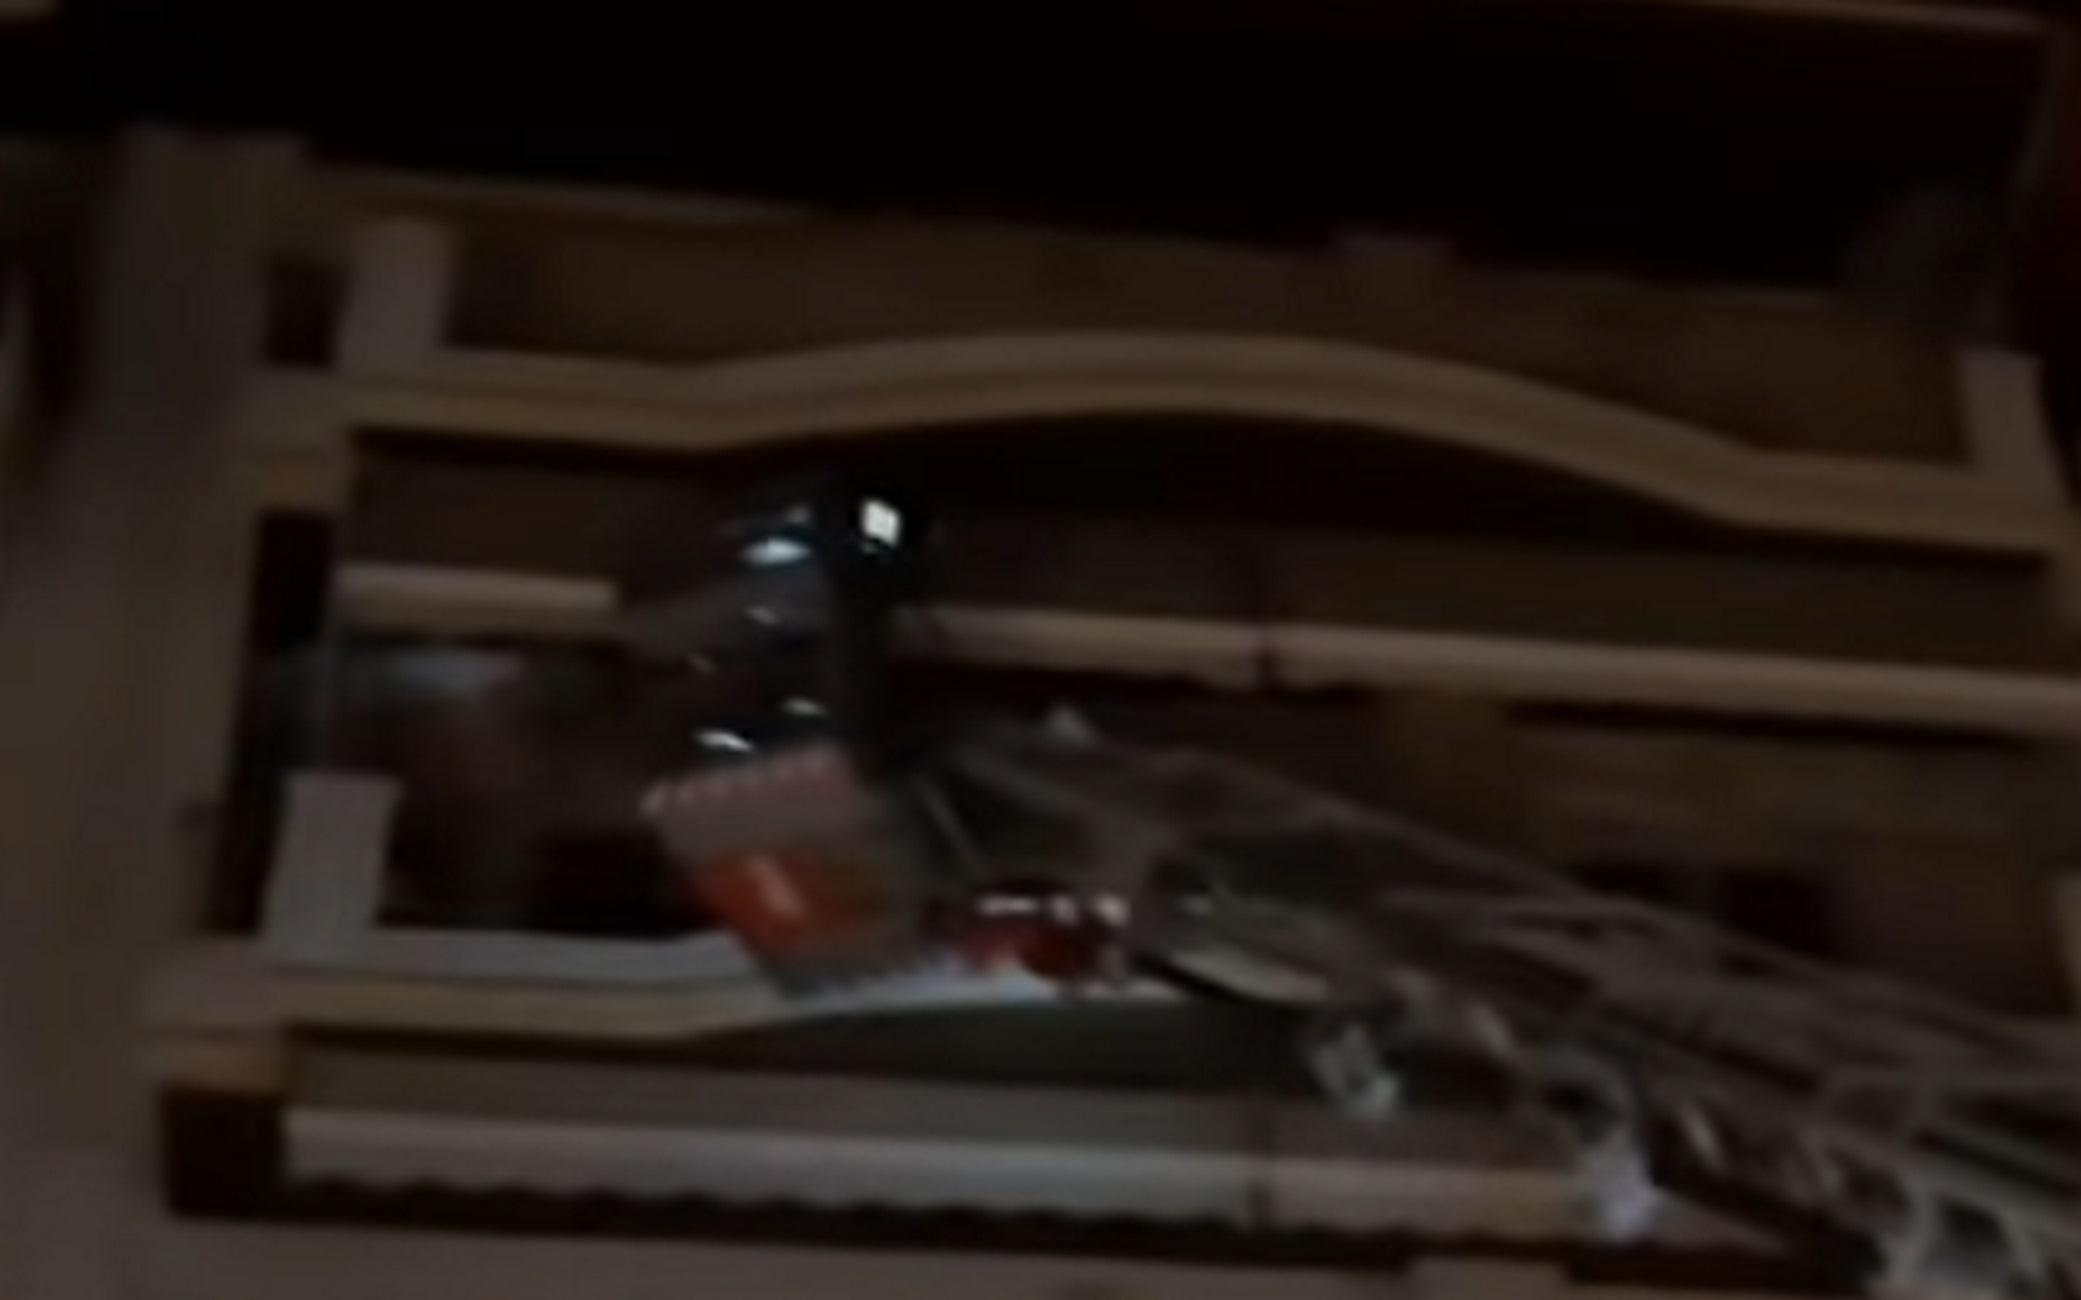 Πτολεμαϊδα: Οικογενειακό δράμα πίσω από τον πατέρα που απειλούσε να πετάξει το παιδί του από το μπαλκόνι (Βίντεο)